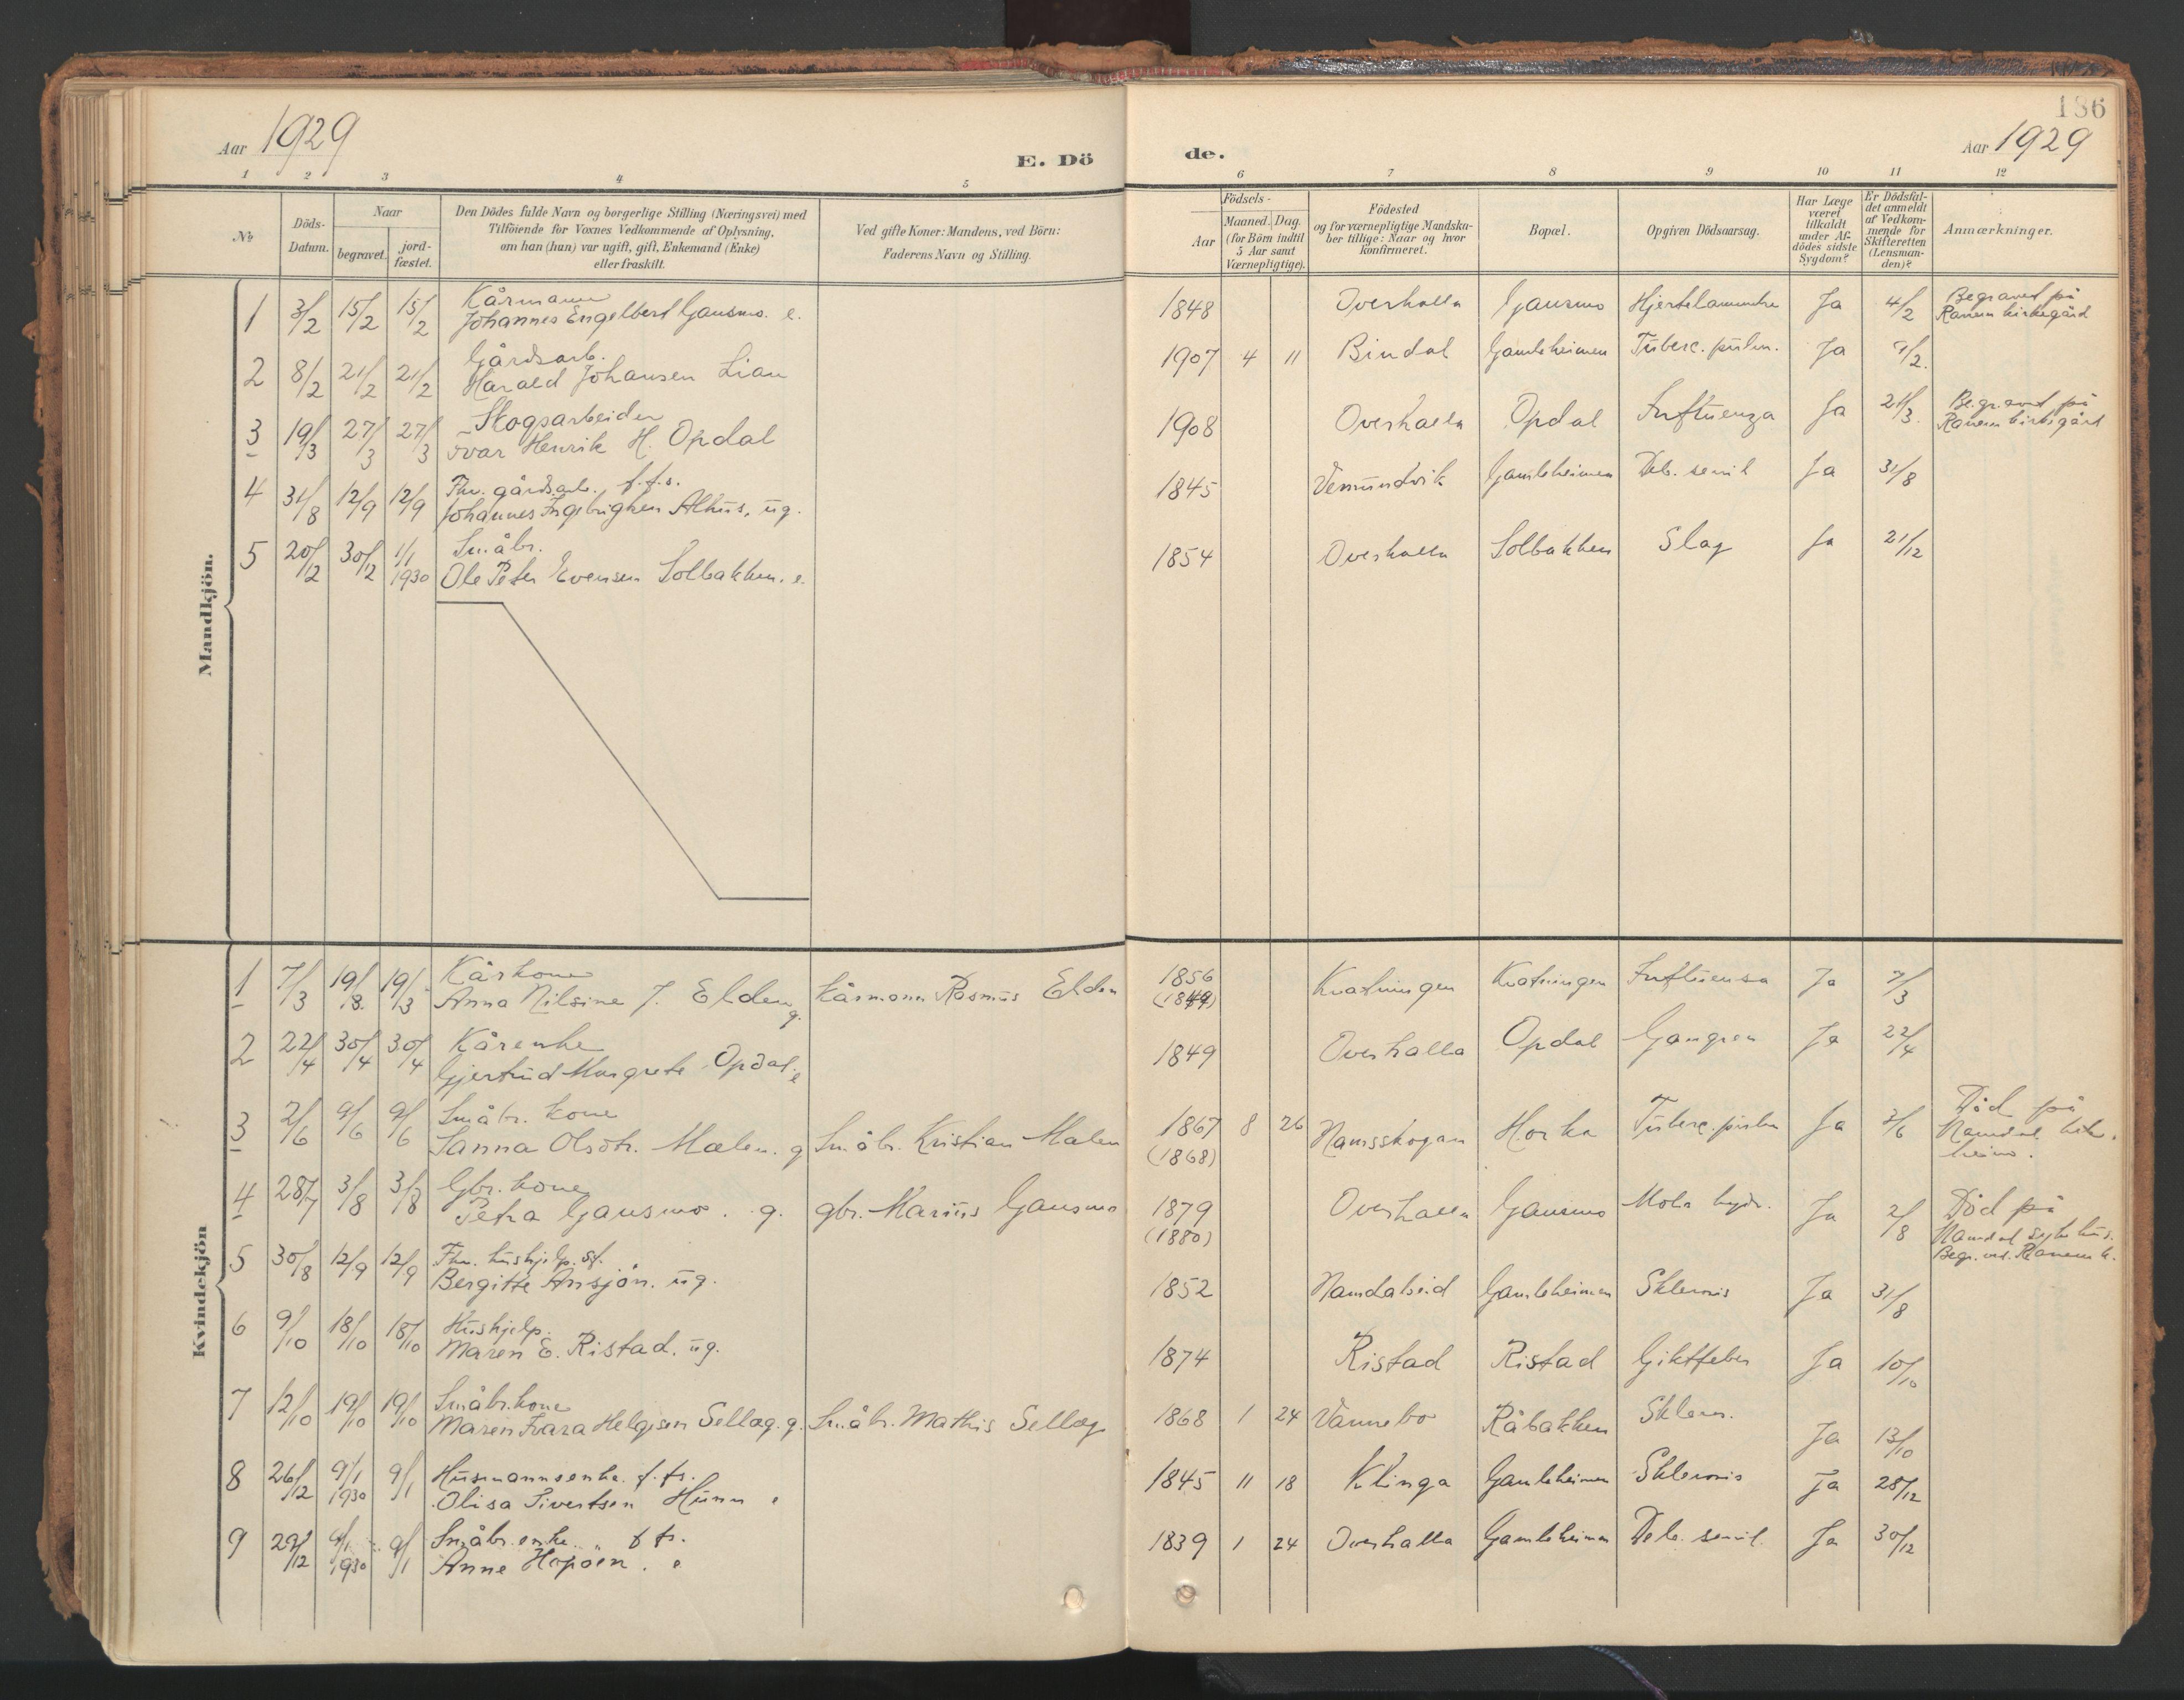 SAT, Ministerialprotokoller, klokkerbøker og fødselsregistre - Nord-Trøndelag, 766/L0564: Ministerialbok nr. 767A02, 1900-1932, s. 186